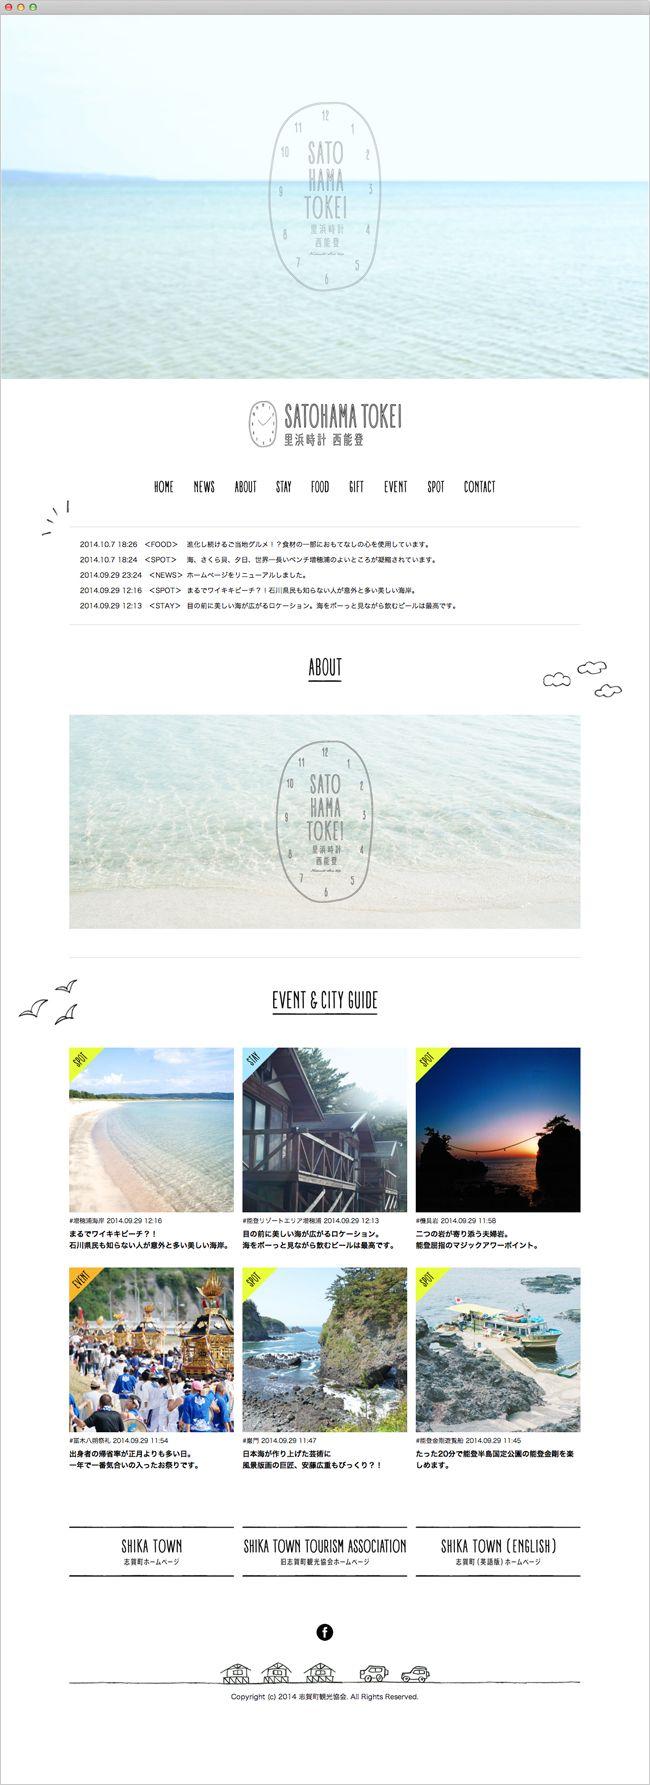 志賀町観光協会 ウェブ | 石川県金沢市のデザインチーム「ヴォイス」 ホームページ作成やCMの企画制作をはじめNPOタテマチ大学を運営